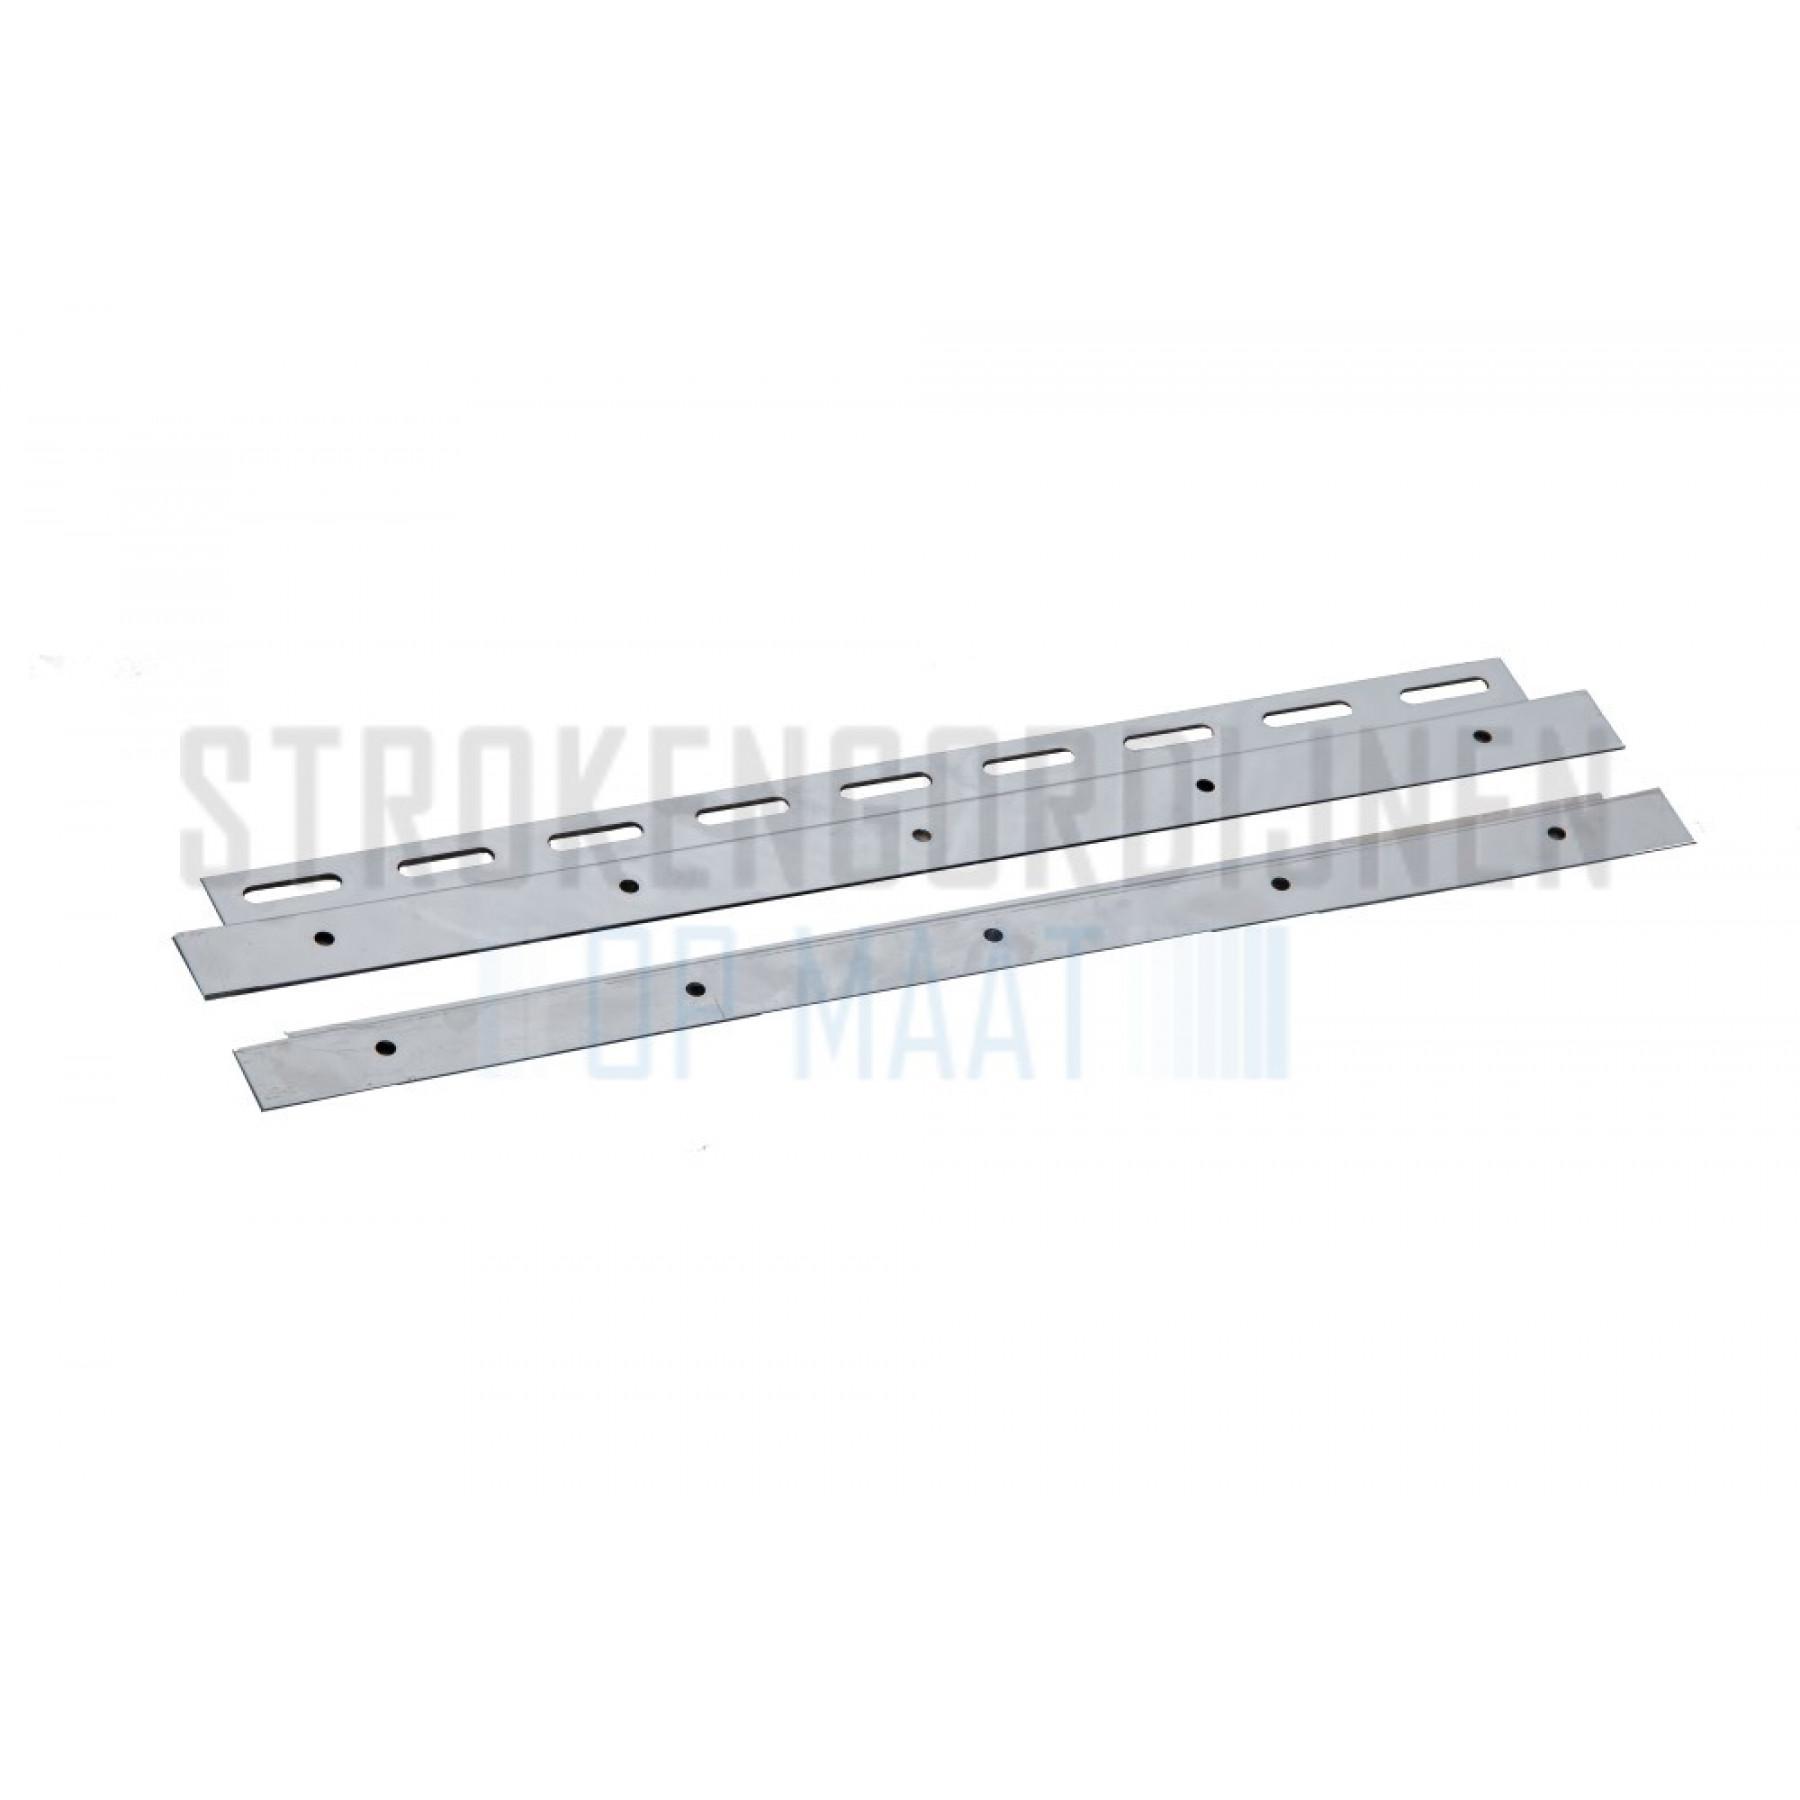 Klemmleiste für Streifen, 400mm breit, Rostfrei-Stahl